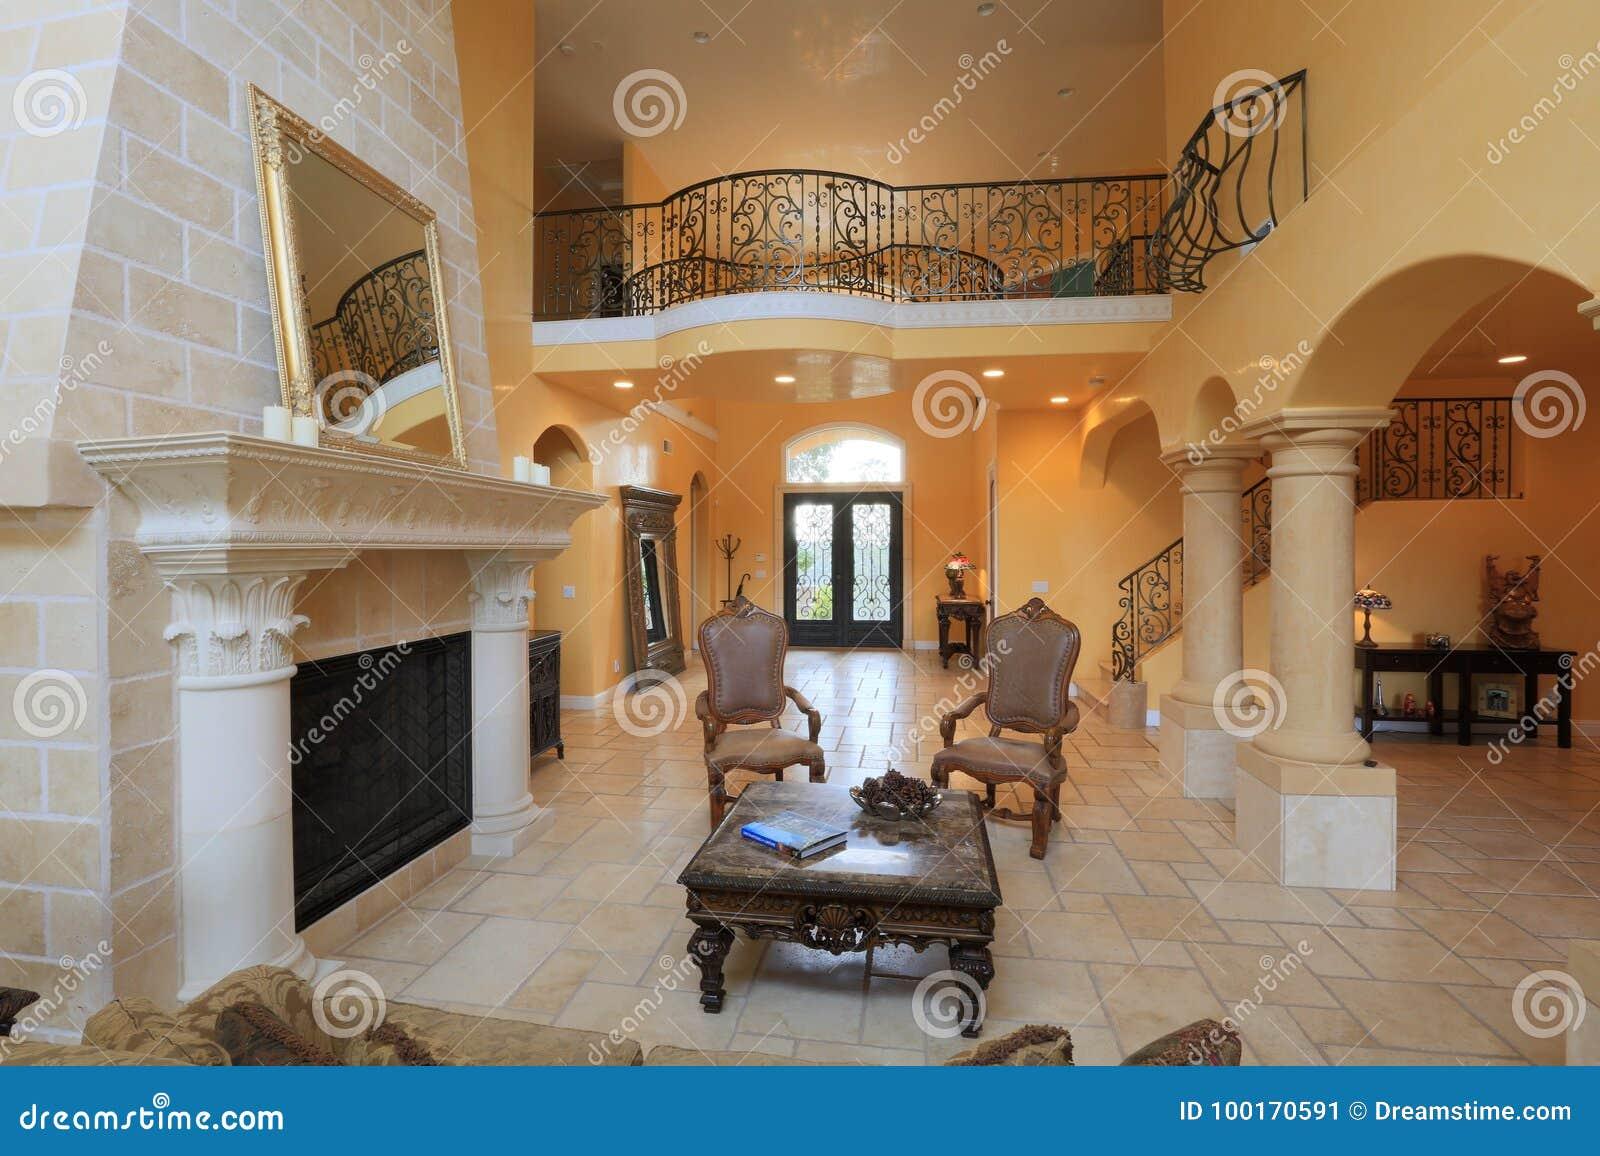 Mediterranean home interior